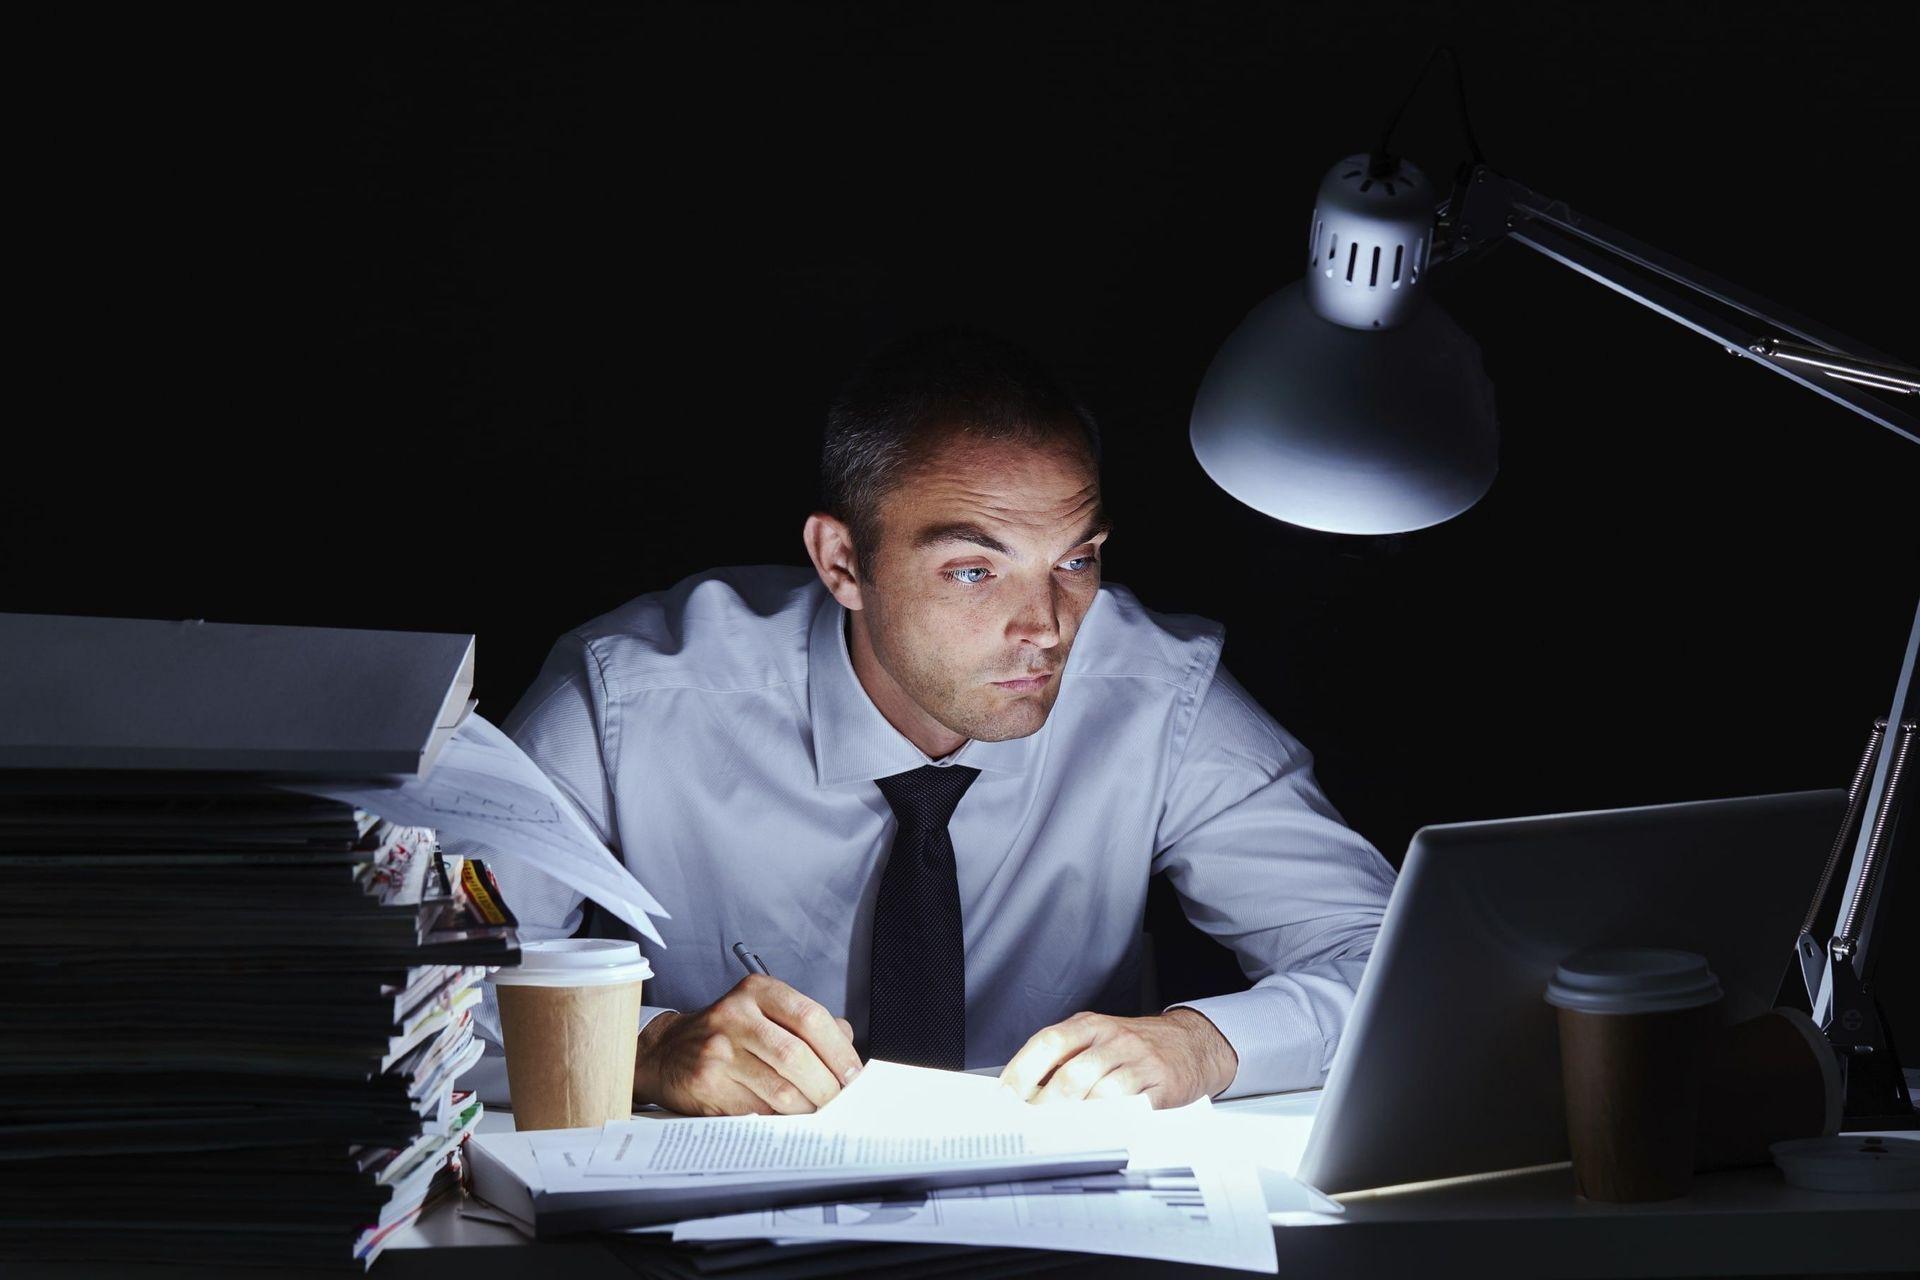 Удаленная работа на дому ночная смена фрилансеры частные объявления